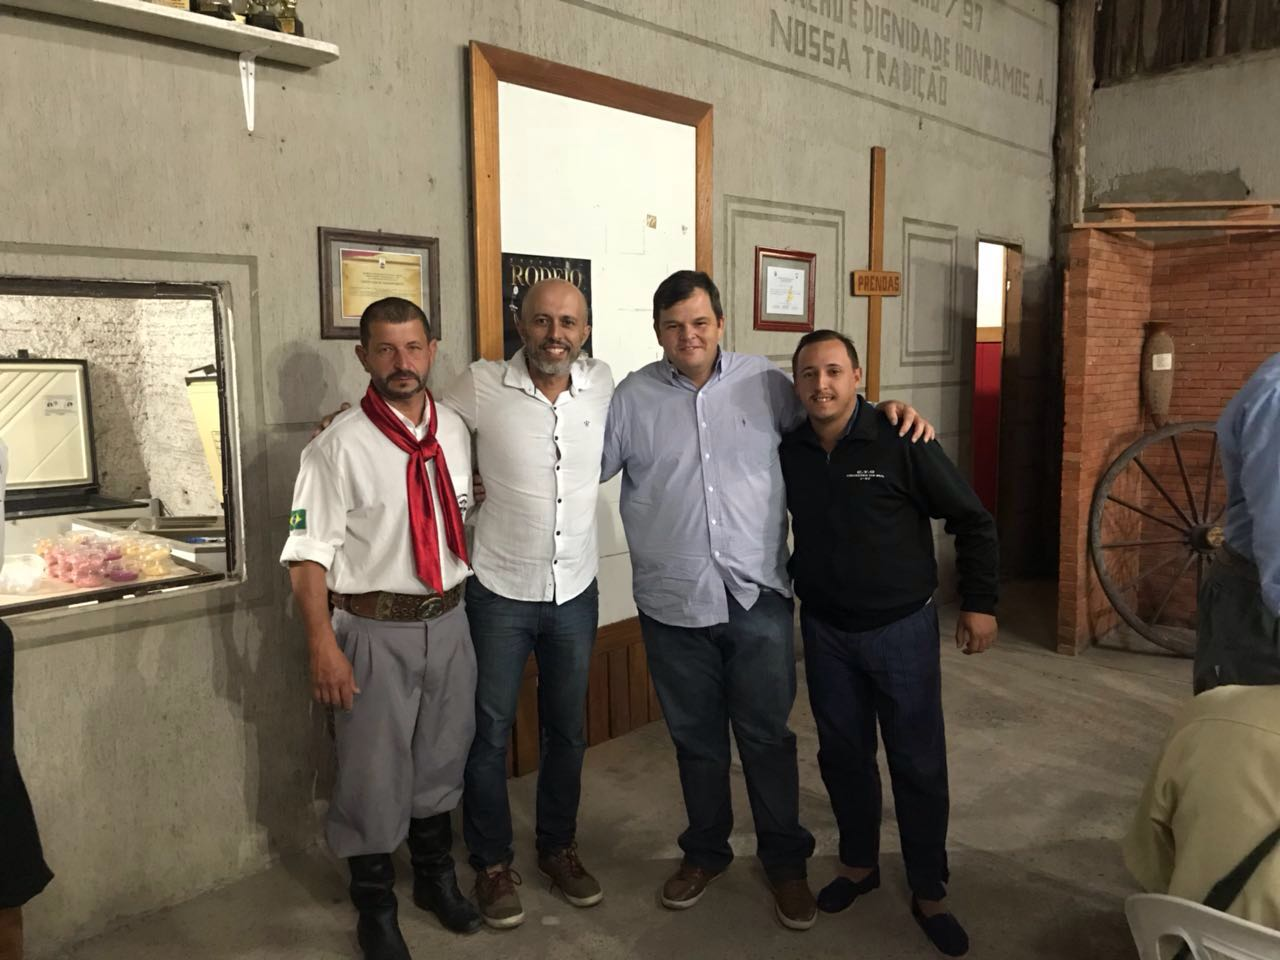 Vereador Everton da Academia prestigia jantar no CTG Cruzeiro do Sul